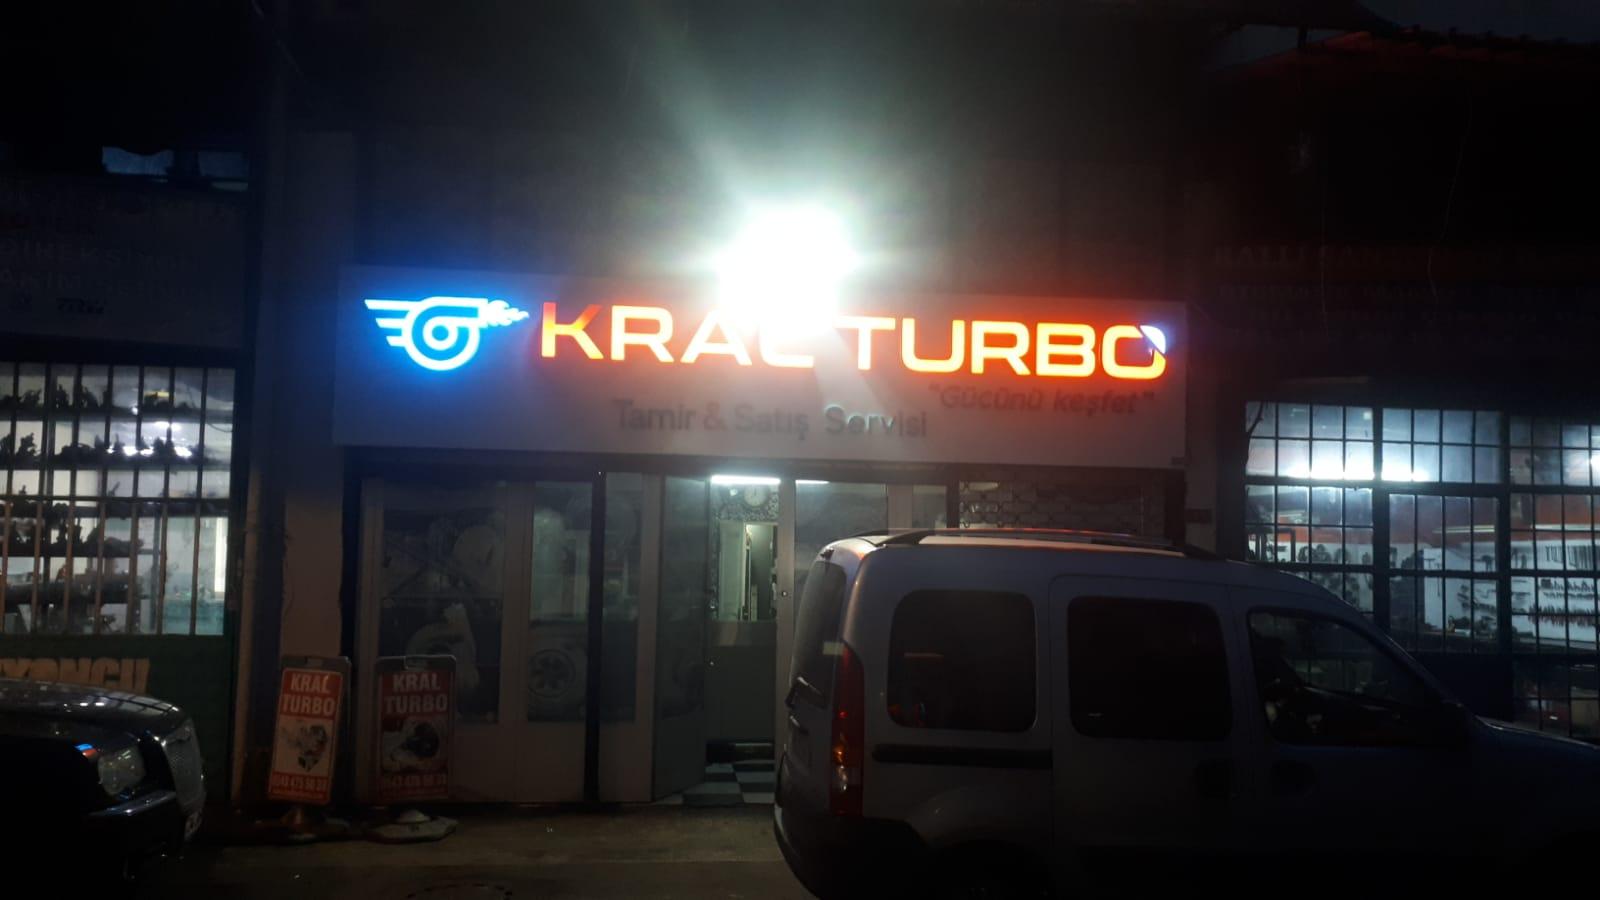 kral-turbo-topkapi-teknik-oto-san.sitesi-5